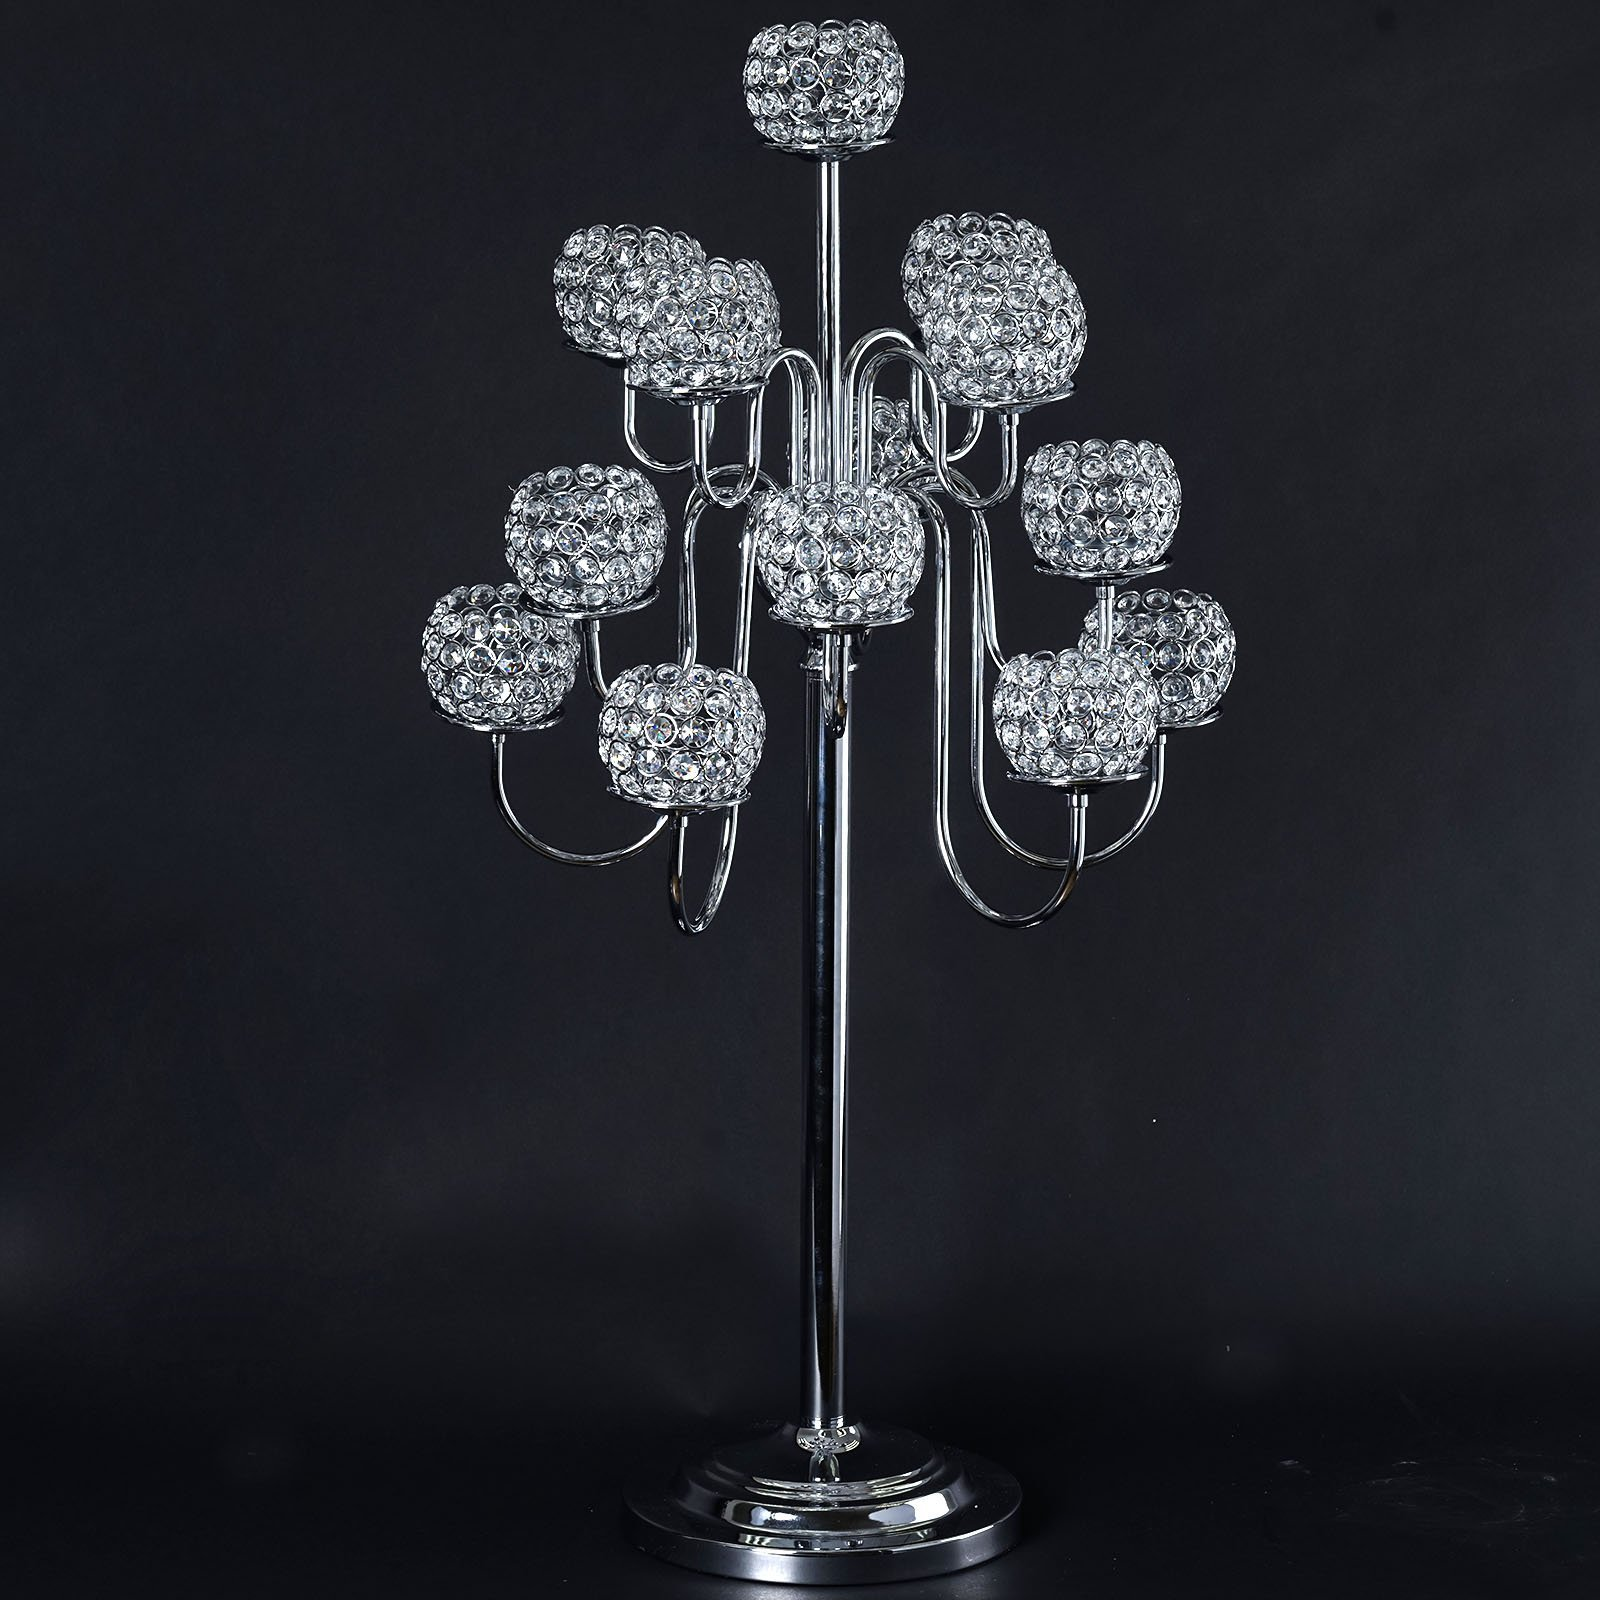 Efavormart 39.5'' Silver Crystal Beaded 13 Arm Candelabra Chandelier Votive Candle Holder Wedding Centerpiece by Efavormart.com (Image #1)